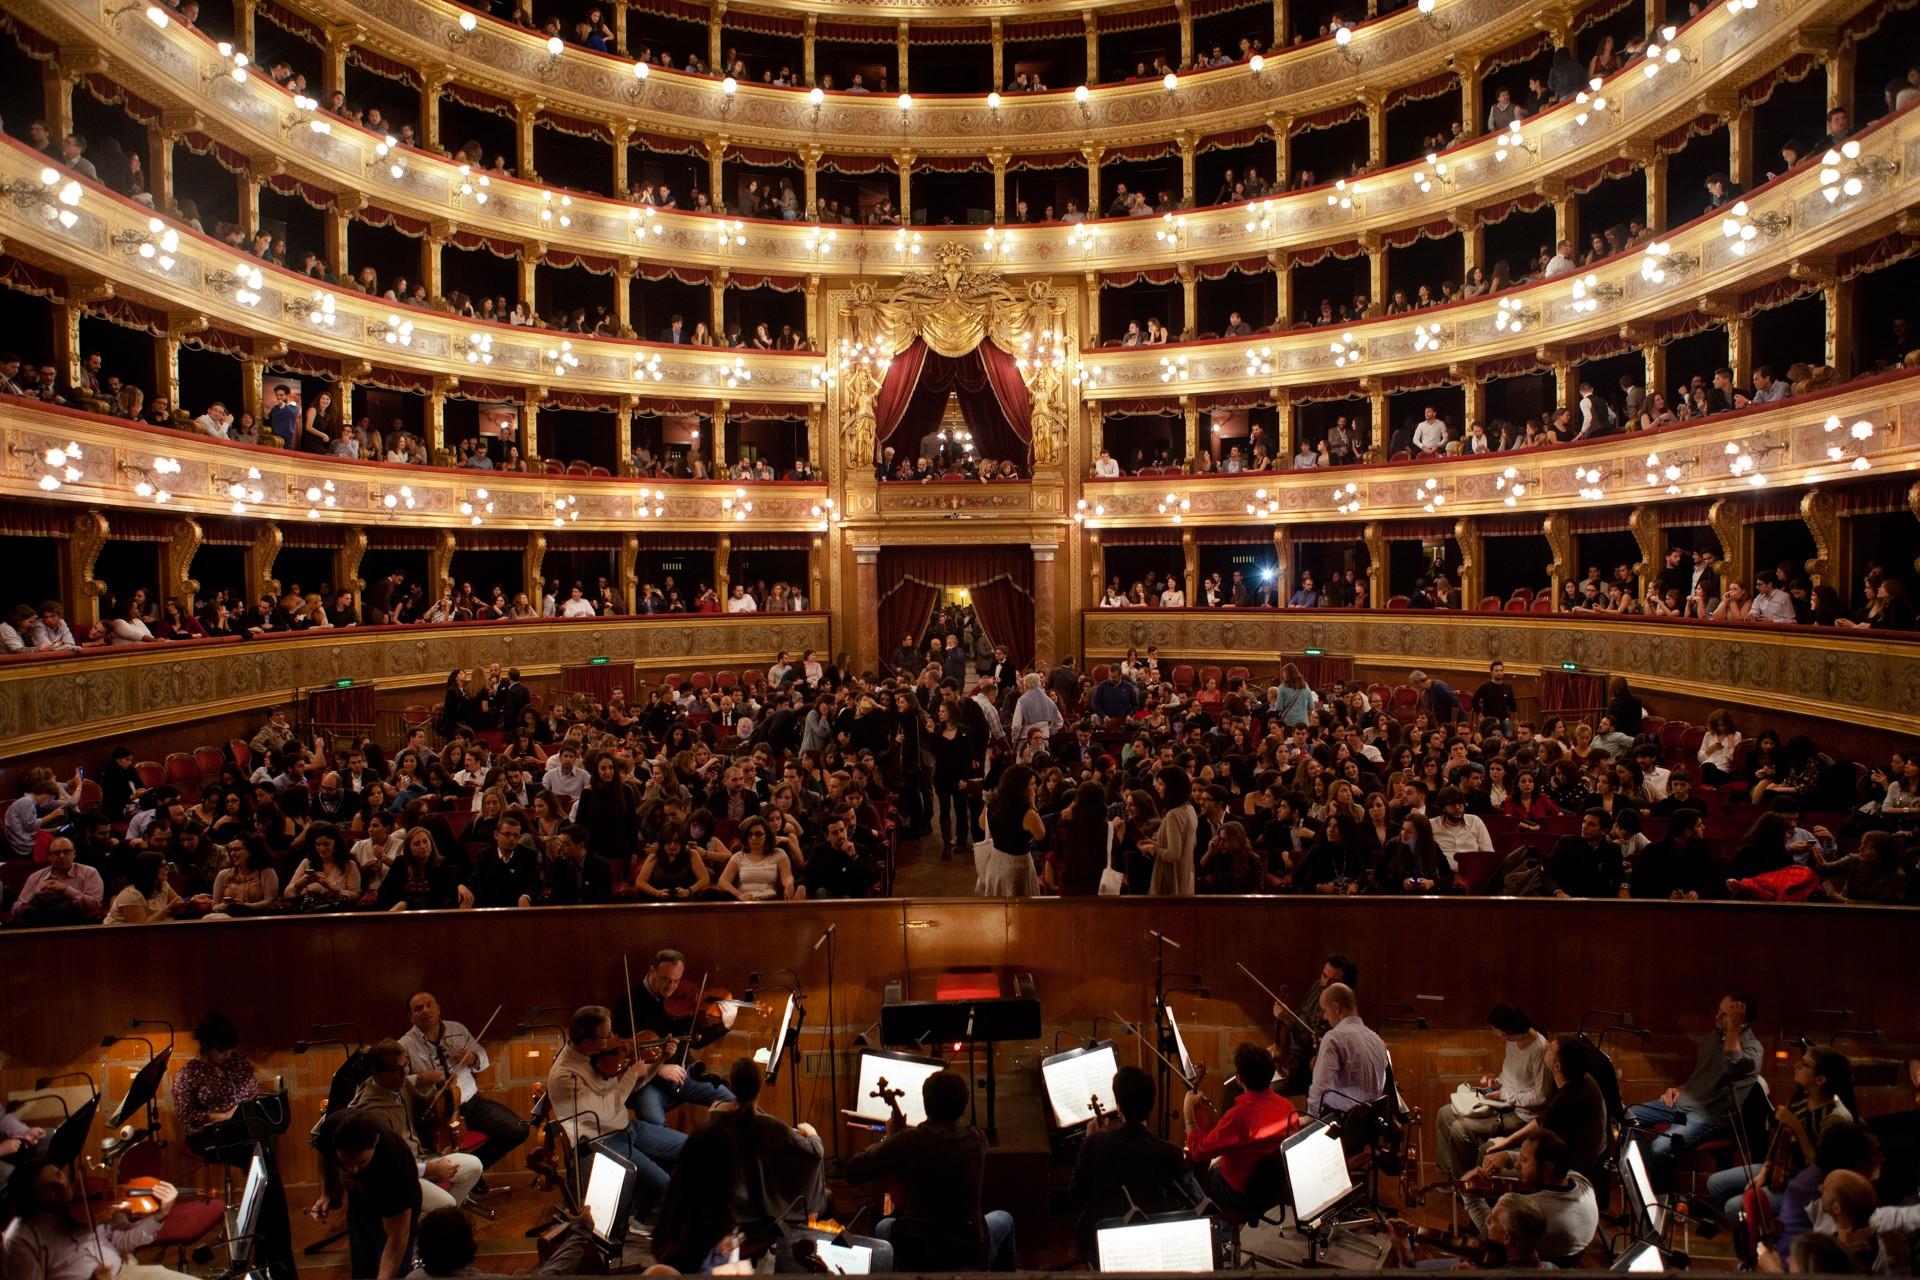 Jaime Martín y Pablo Ferrández inauguran los grandes conciertos del 69º Festival de Santander